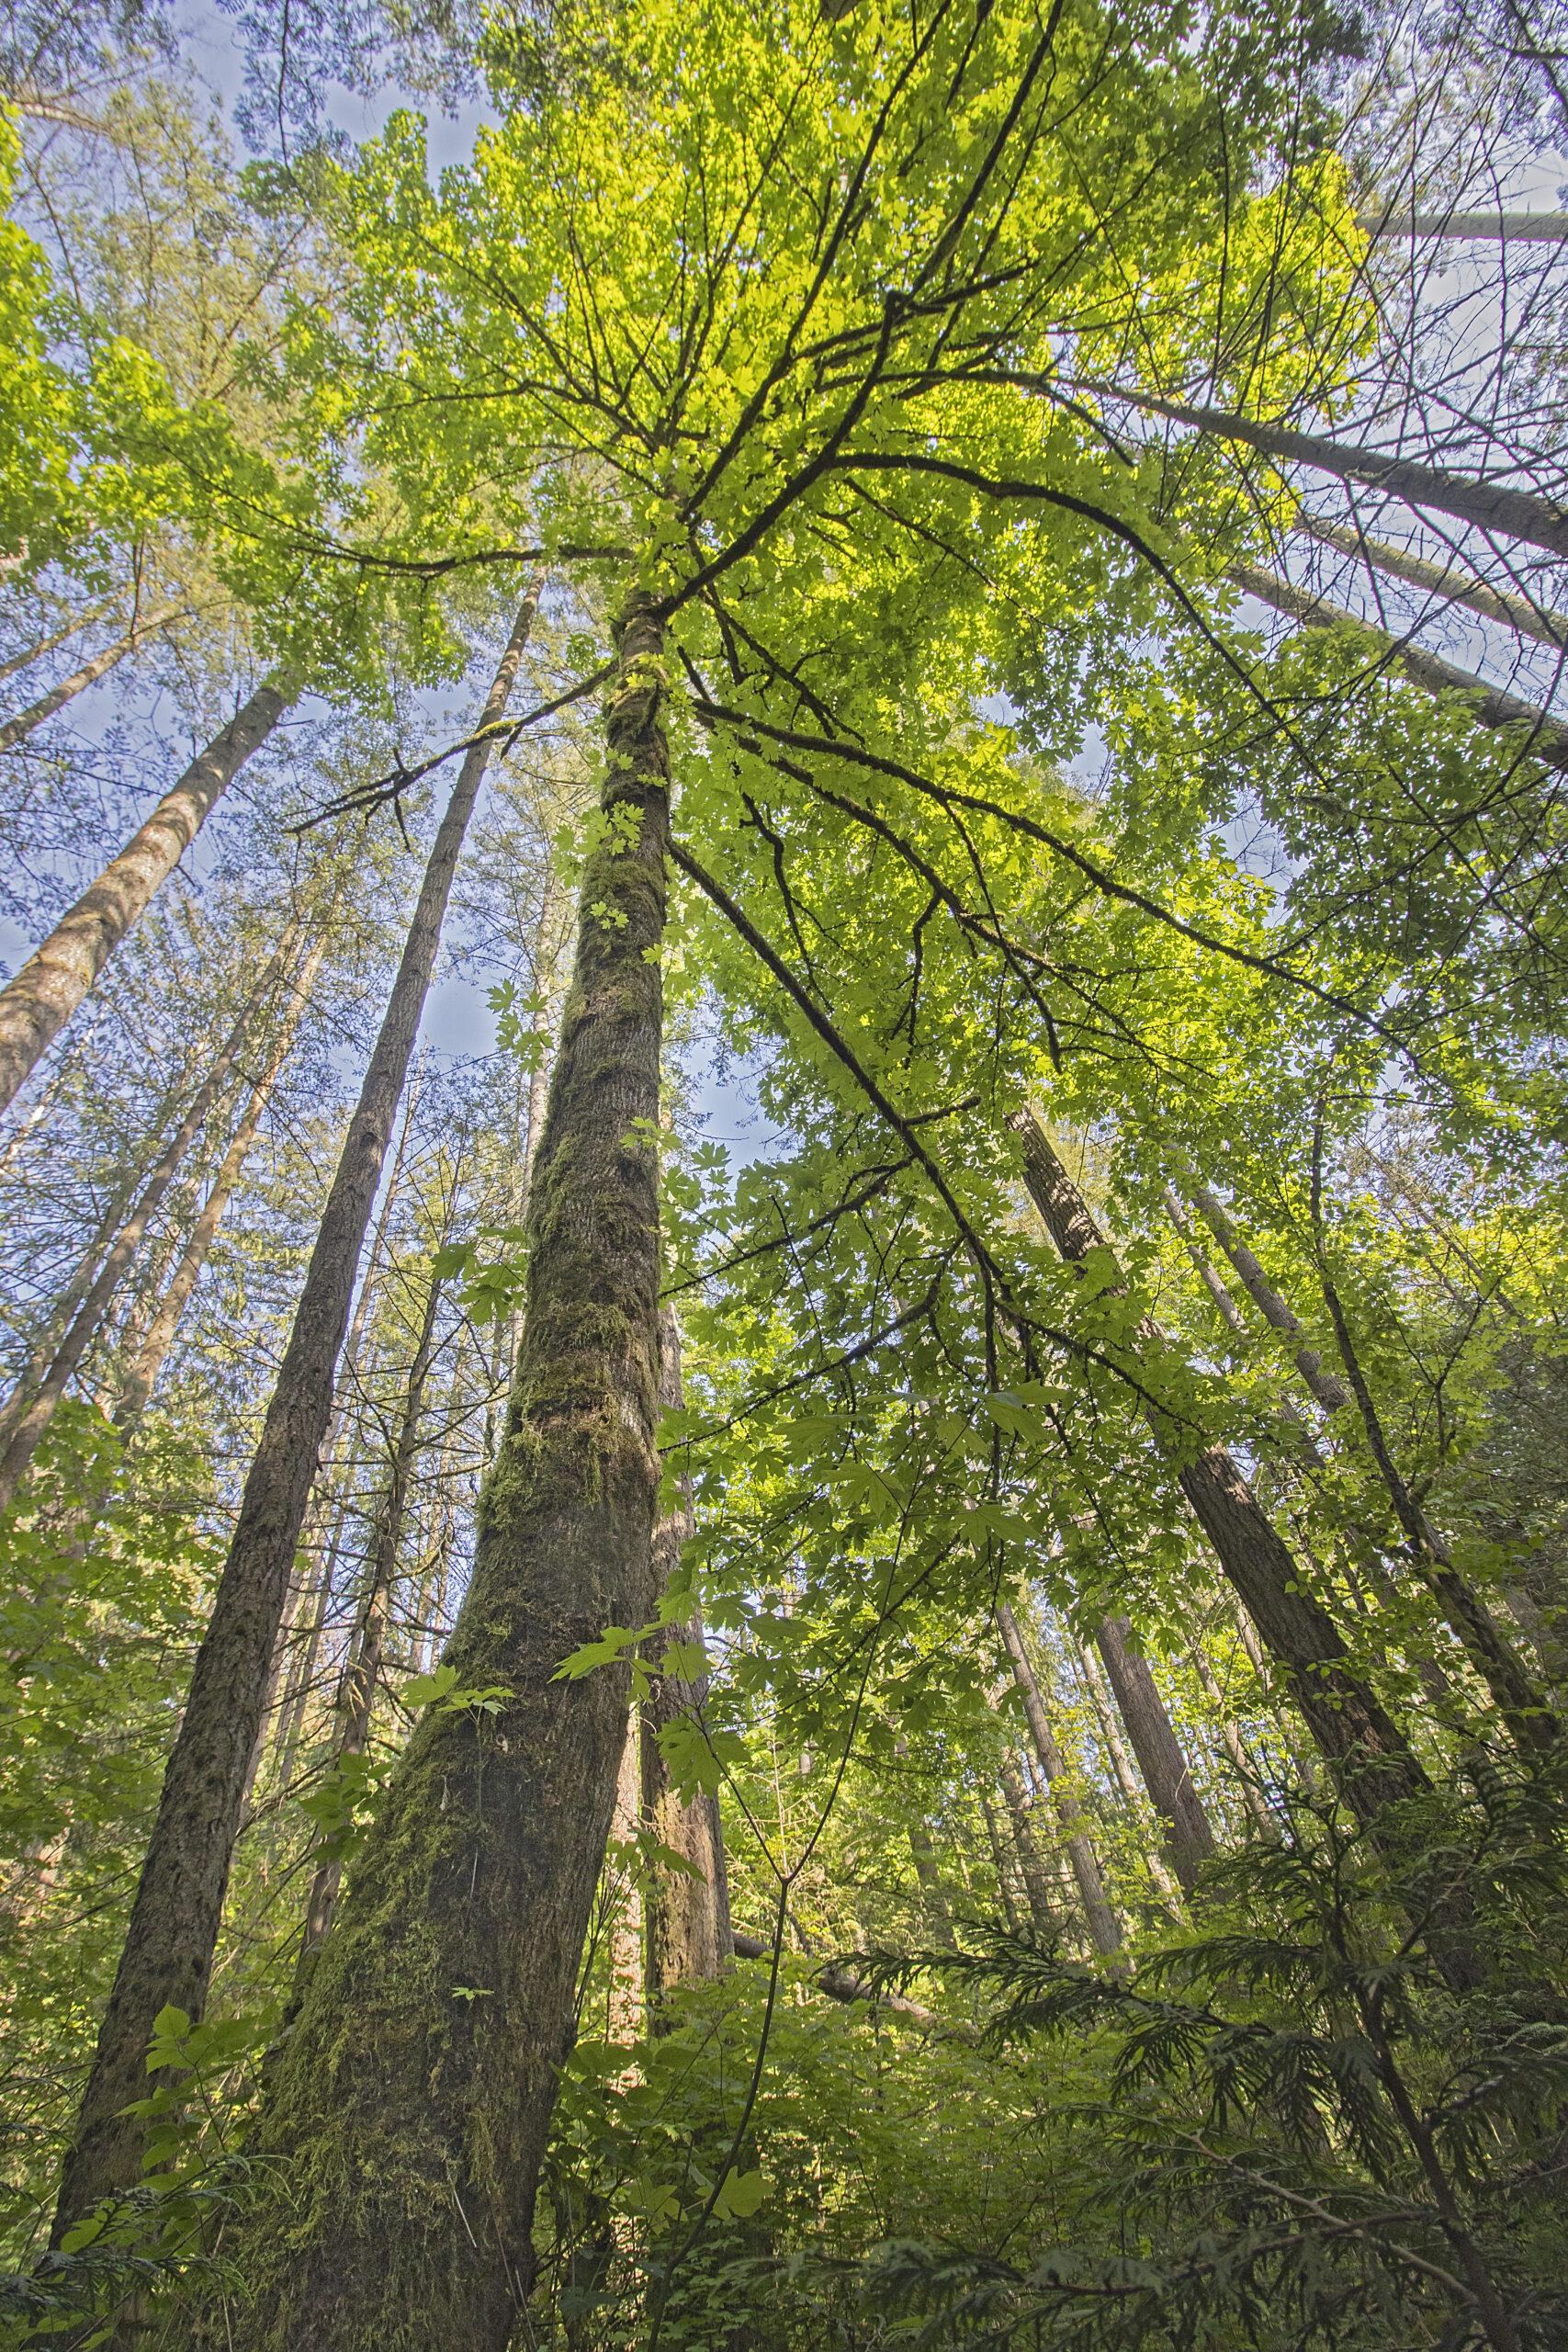 Maple Tree, May 11, 2021